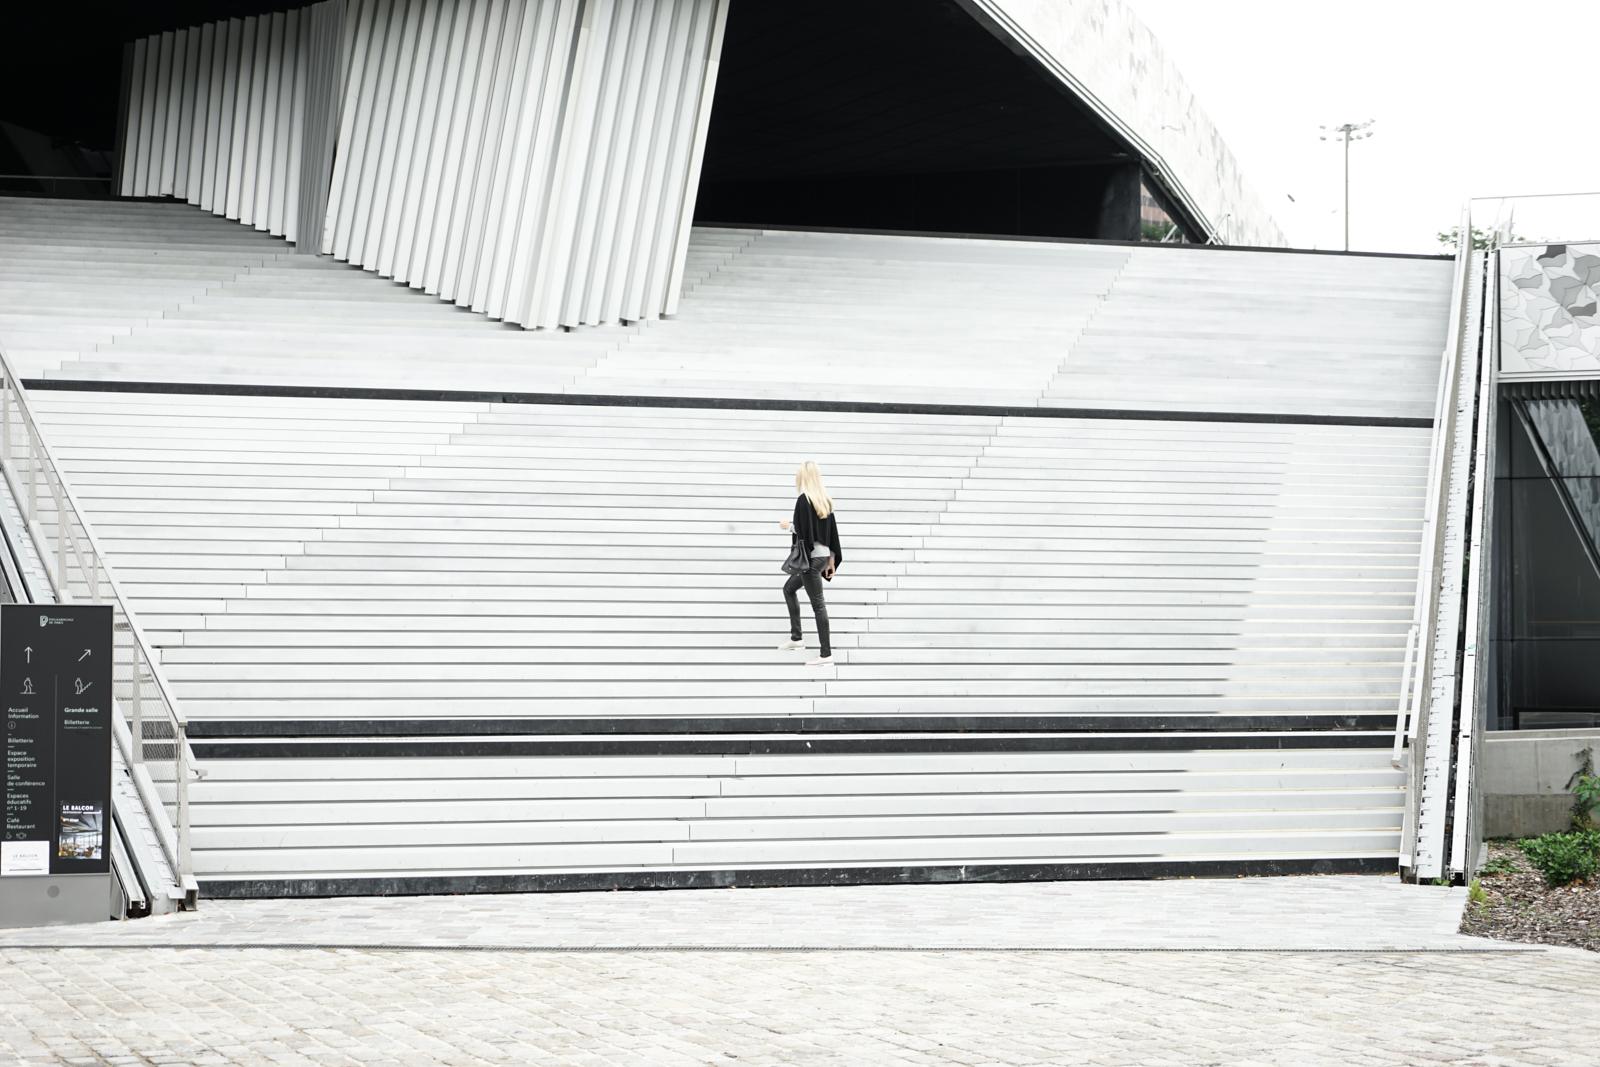 The grand stairs to the Philharmonie de Paris